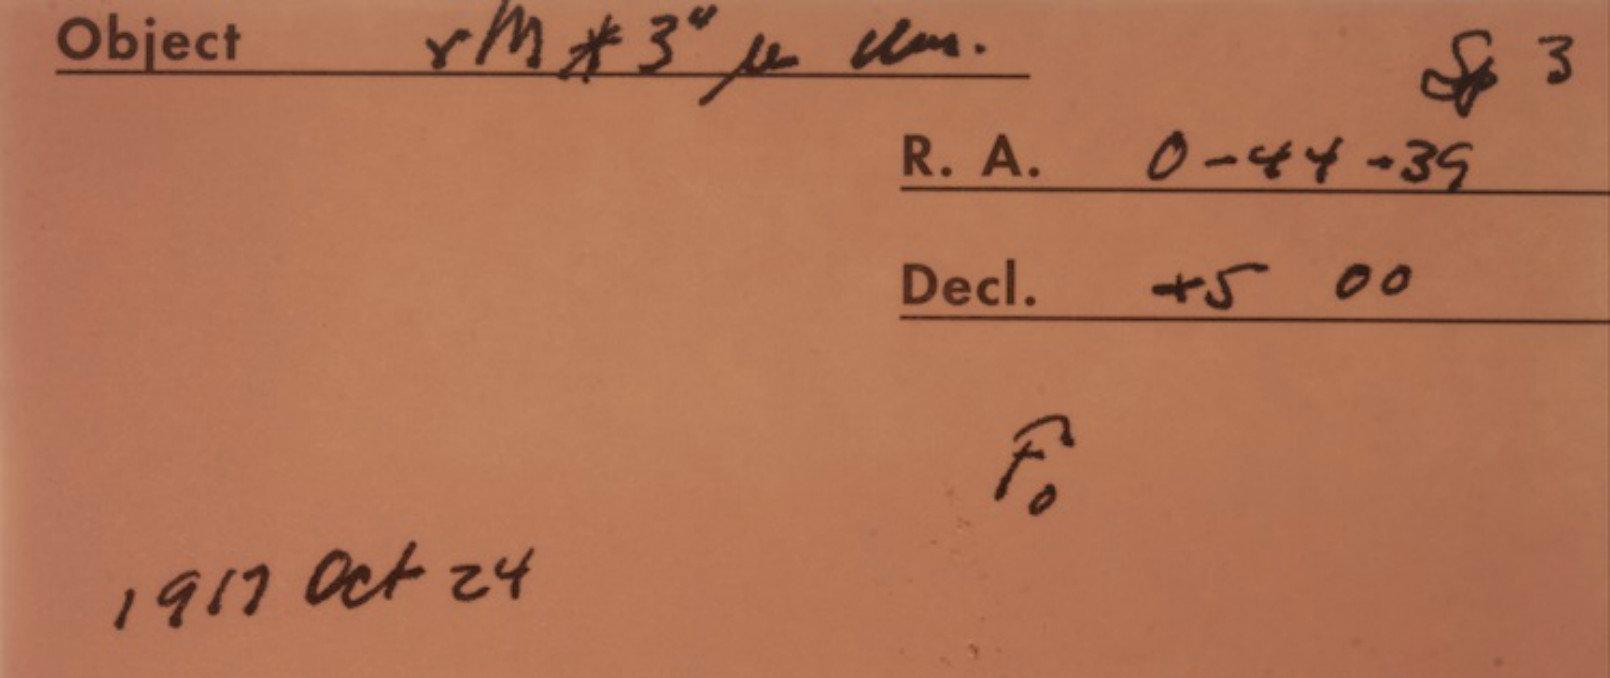 Notas manuscritas sobre a manga da placa astronômica, feita pelo observador Walter Adams, ex-diretor do Observatório.